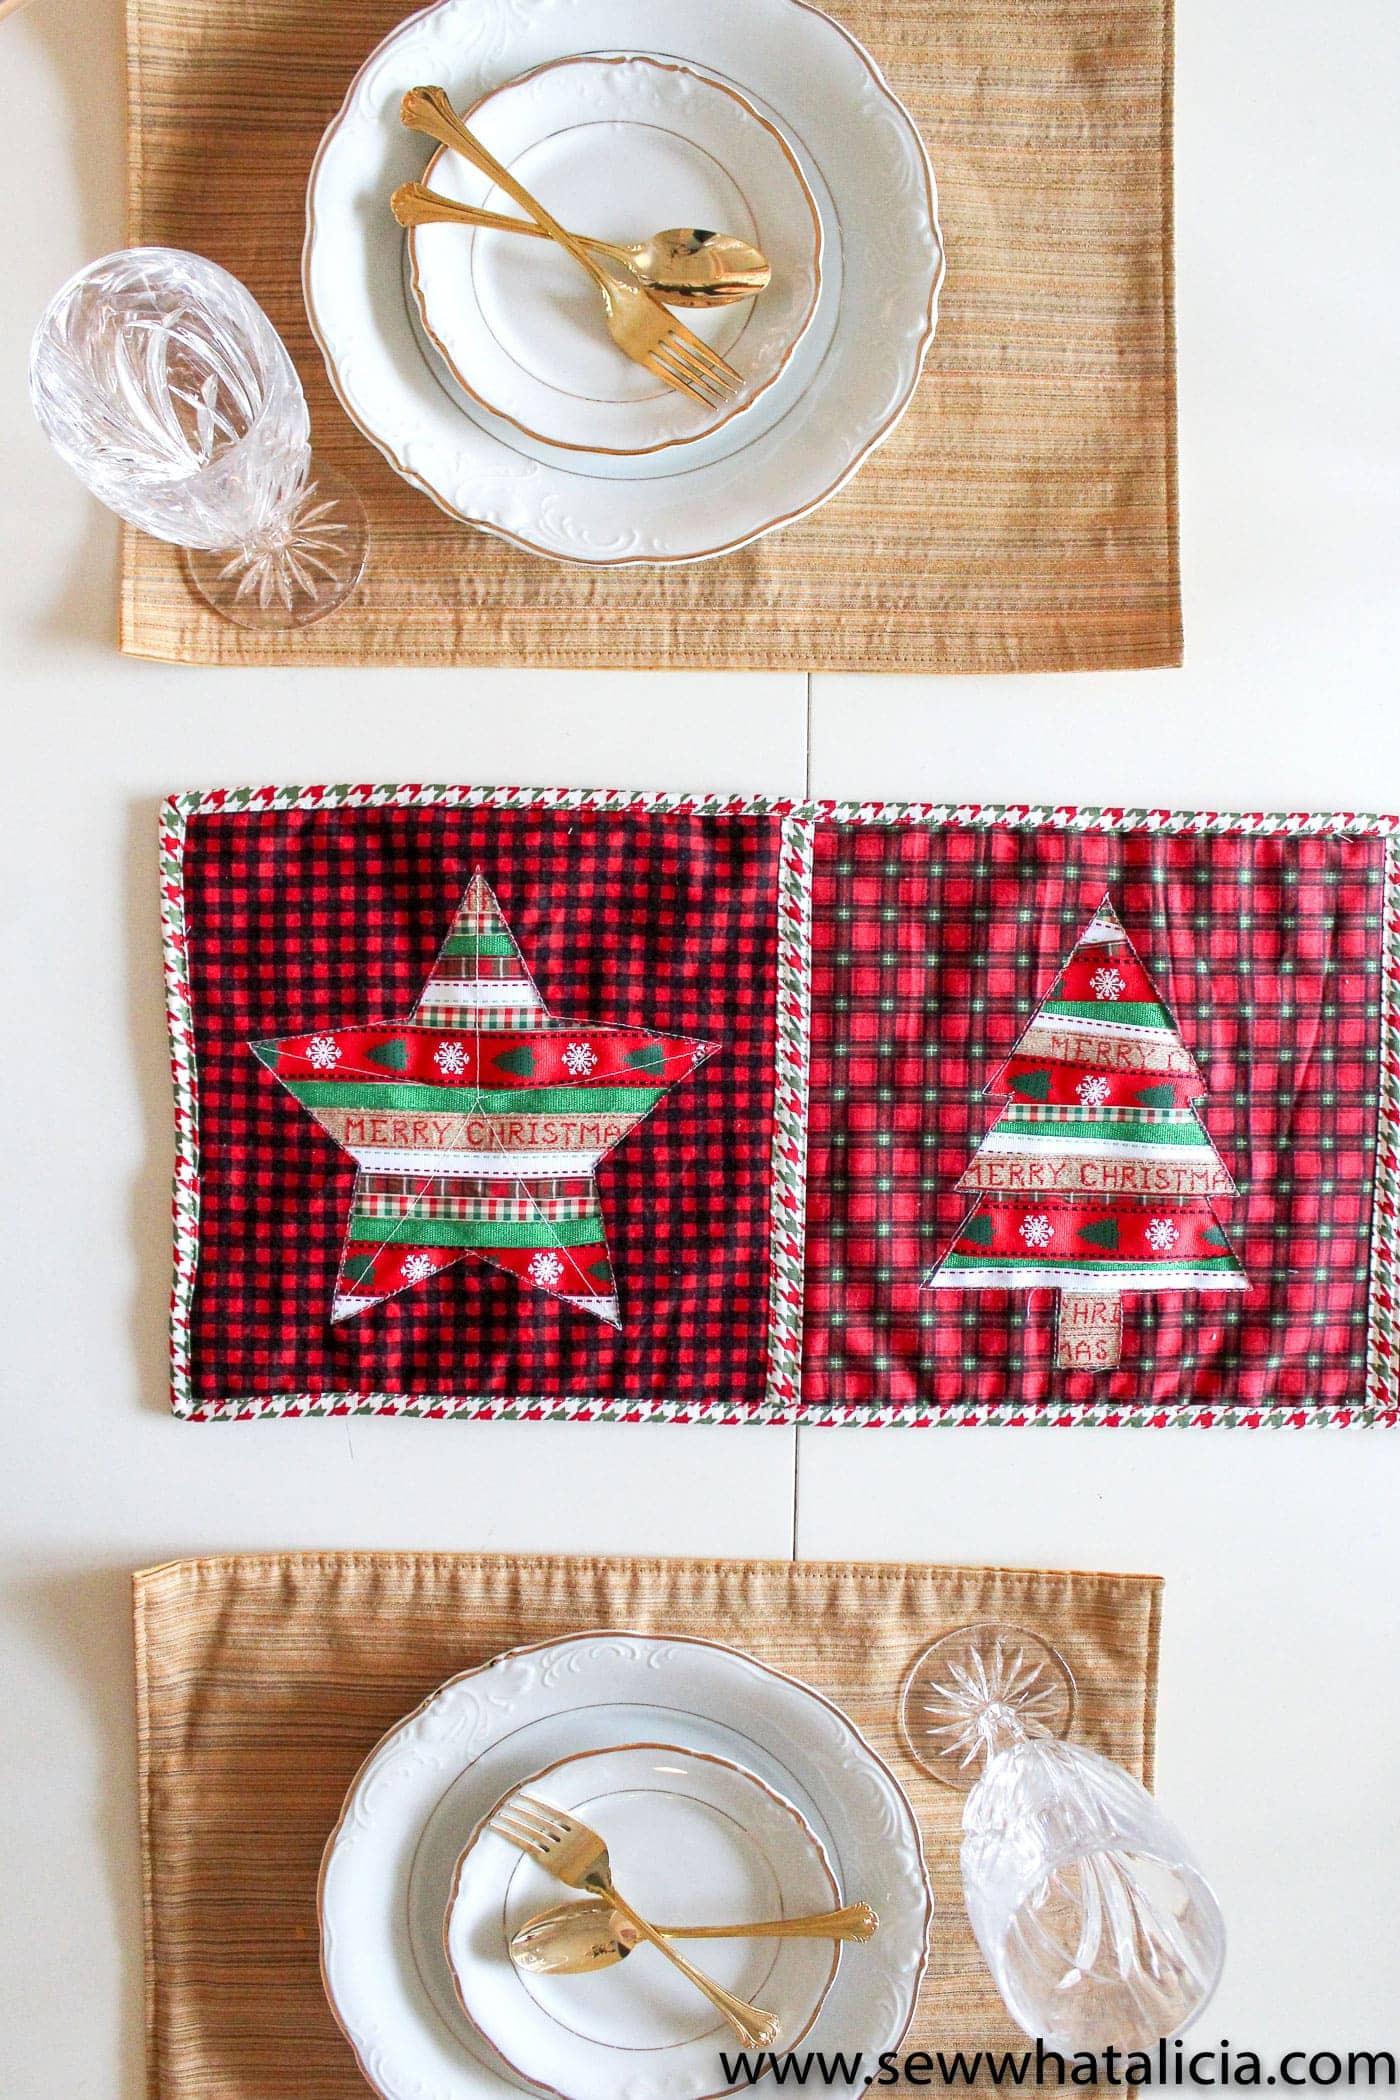 Christmas Table Runner To Make.Reverse Applique Christmas Table Runner Tutorial The Polka